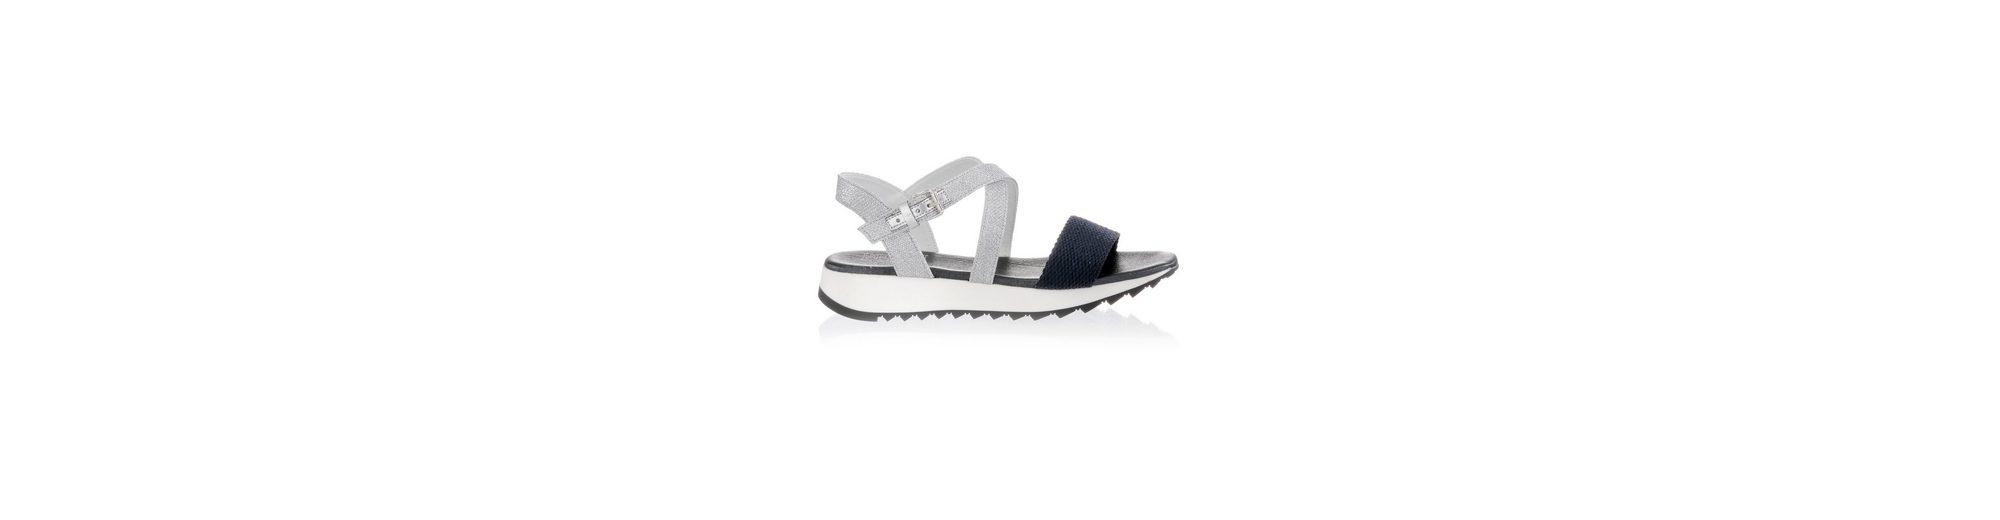 Alba Moda Sandalette mit Riemchen im Metallic-Look Ausverkaufspreise BKqYJ44GX